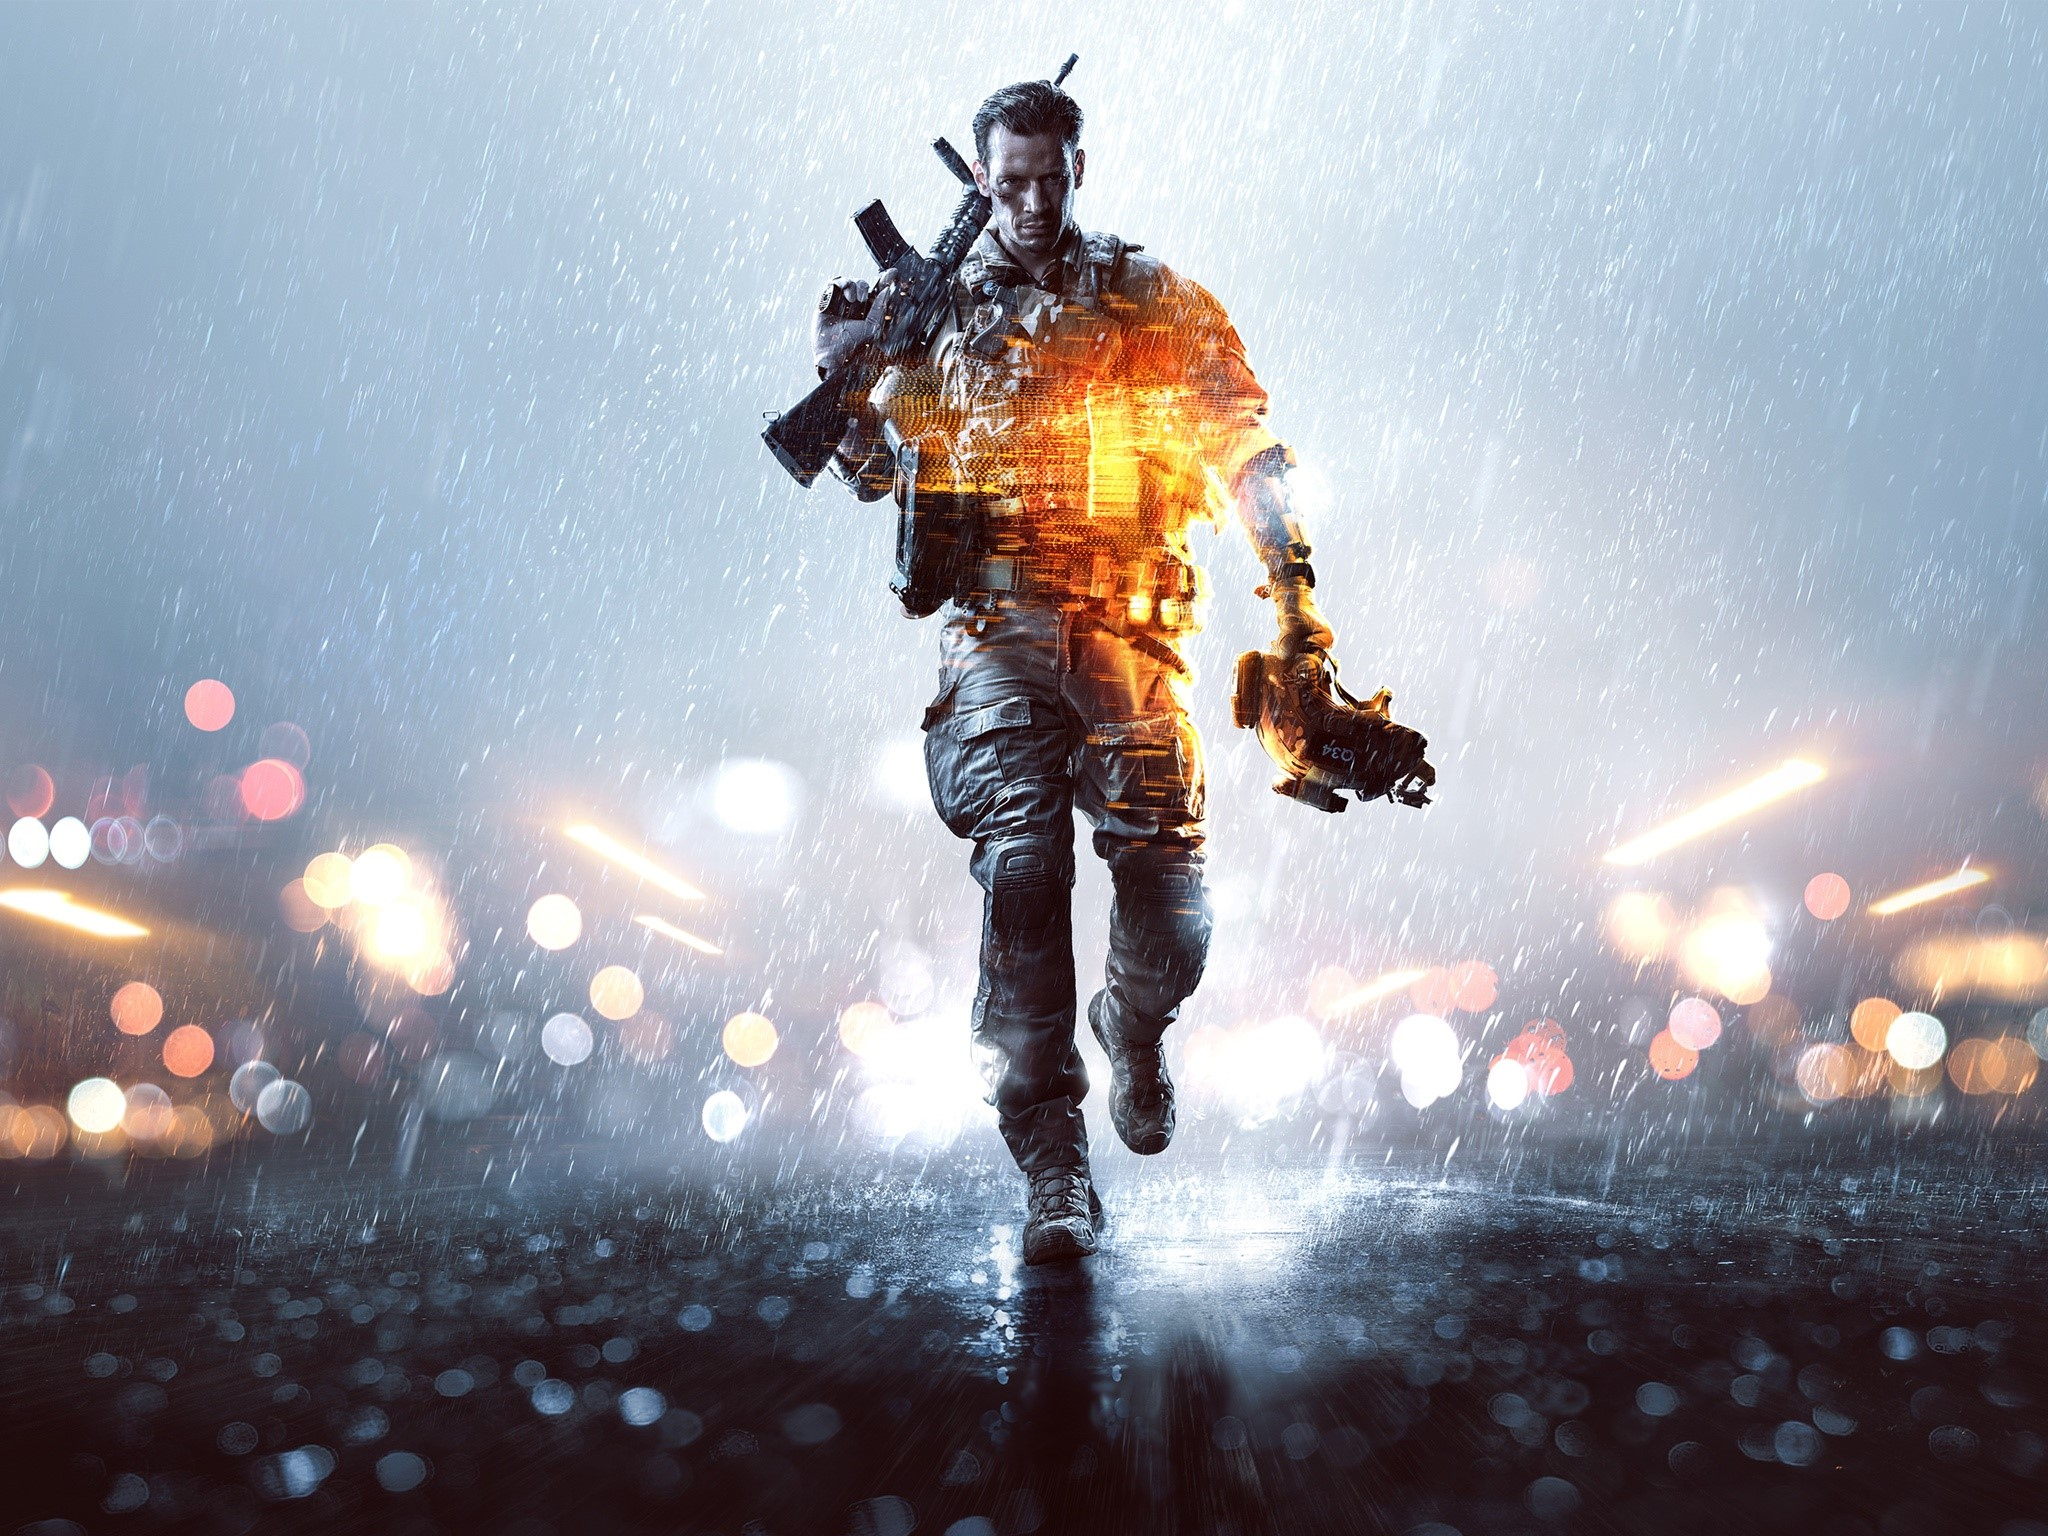 Wallpaper Game Battlefield 4